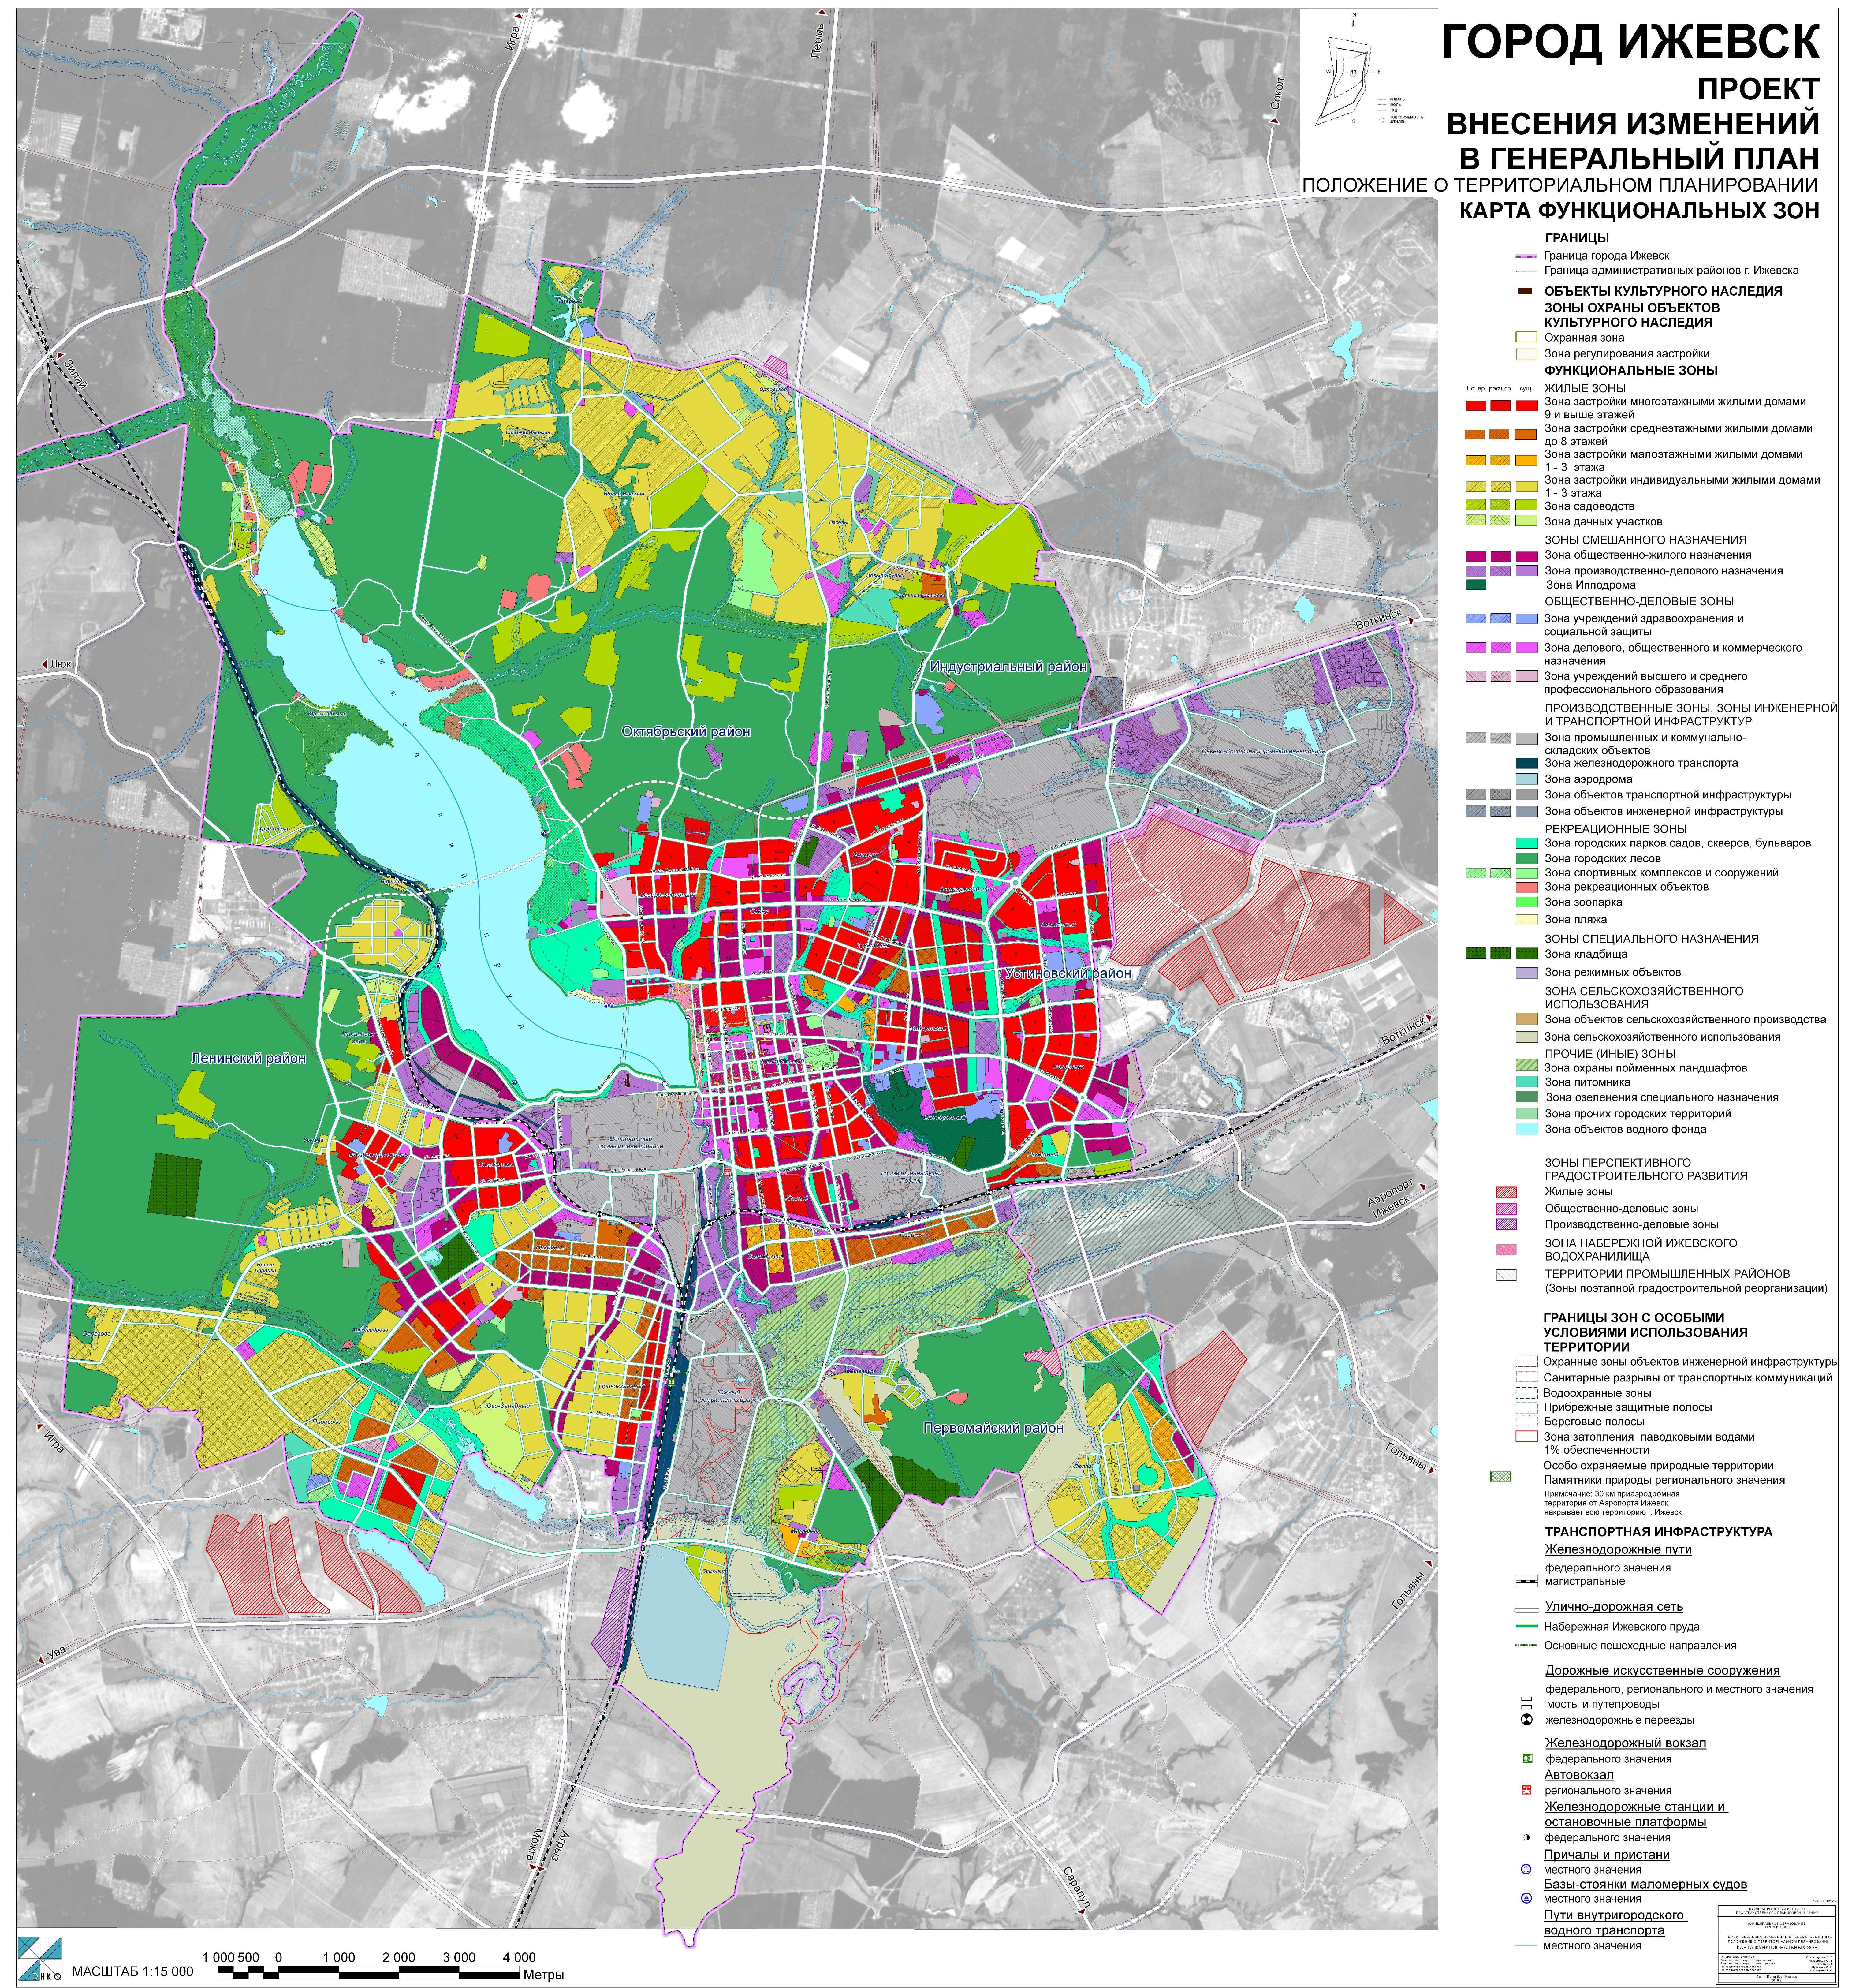 Строительные материалы в Ижевске на карте строительная компания в новополоцке